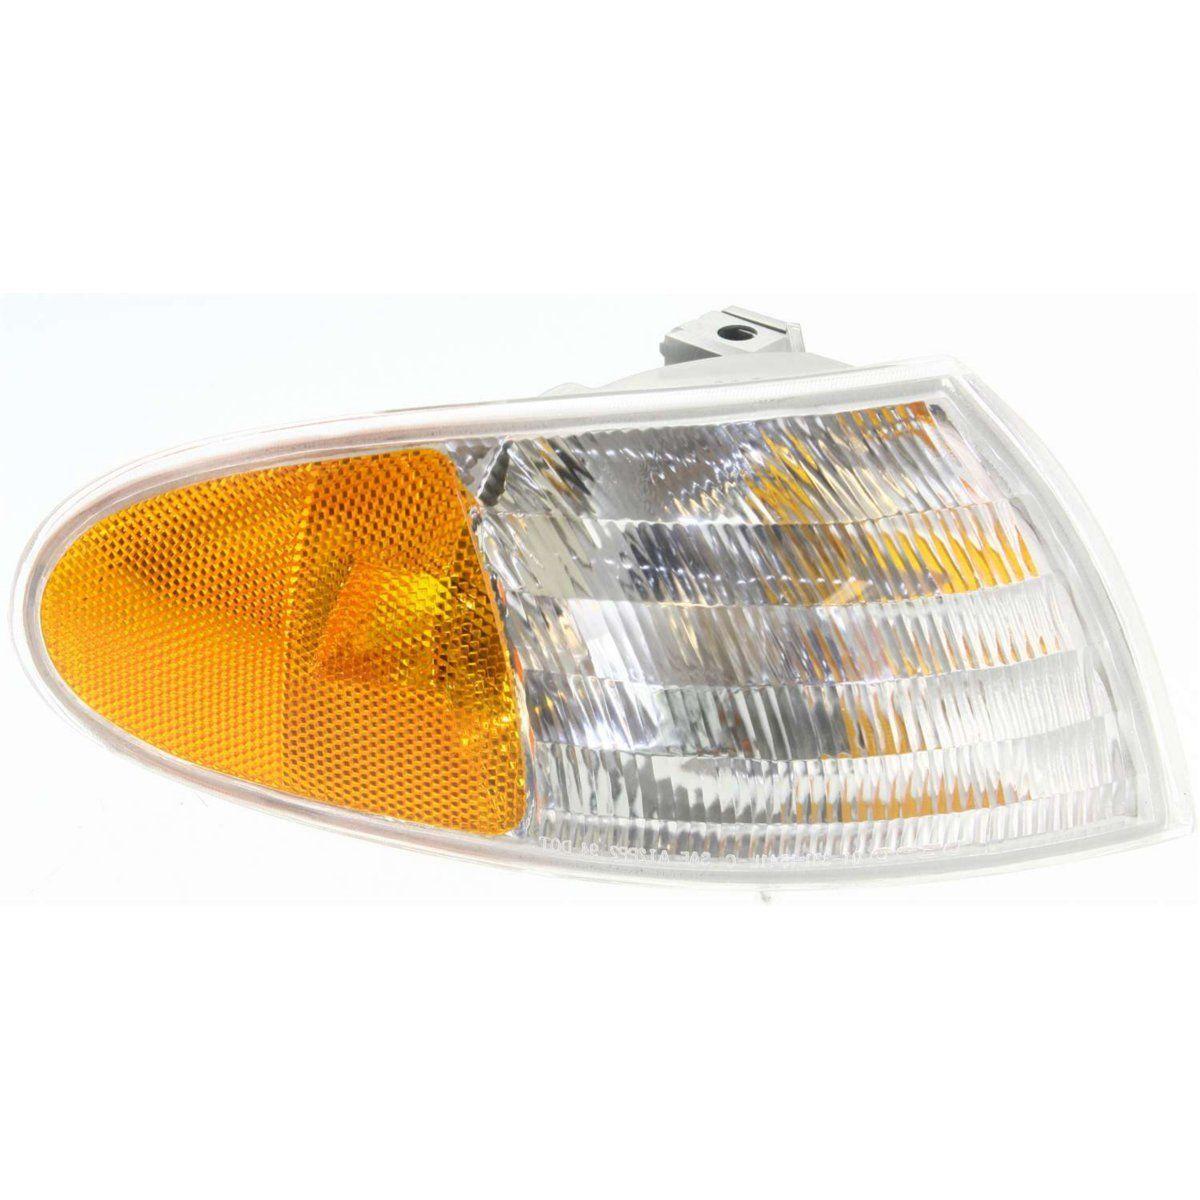 コーナーライト Corner Light For 92-94 Eagle Talon Plymouth Laser Driver Incandescent w/ Bulb コーナーライト92-94イーグルタロンプリマスレーザードライバ白熱電球